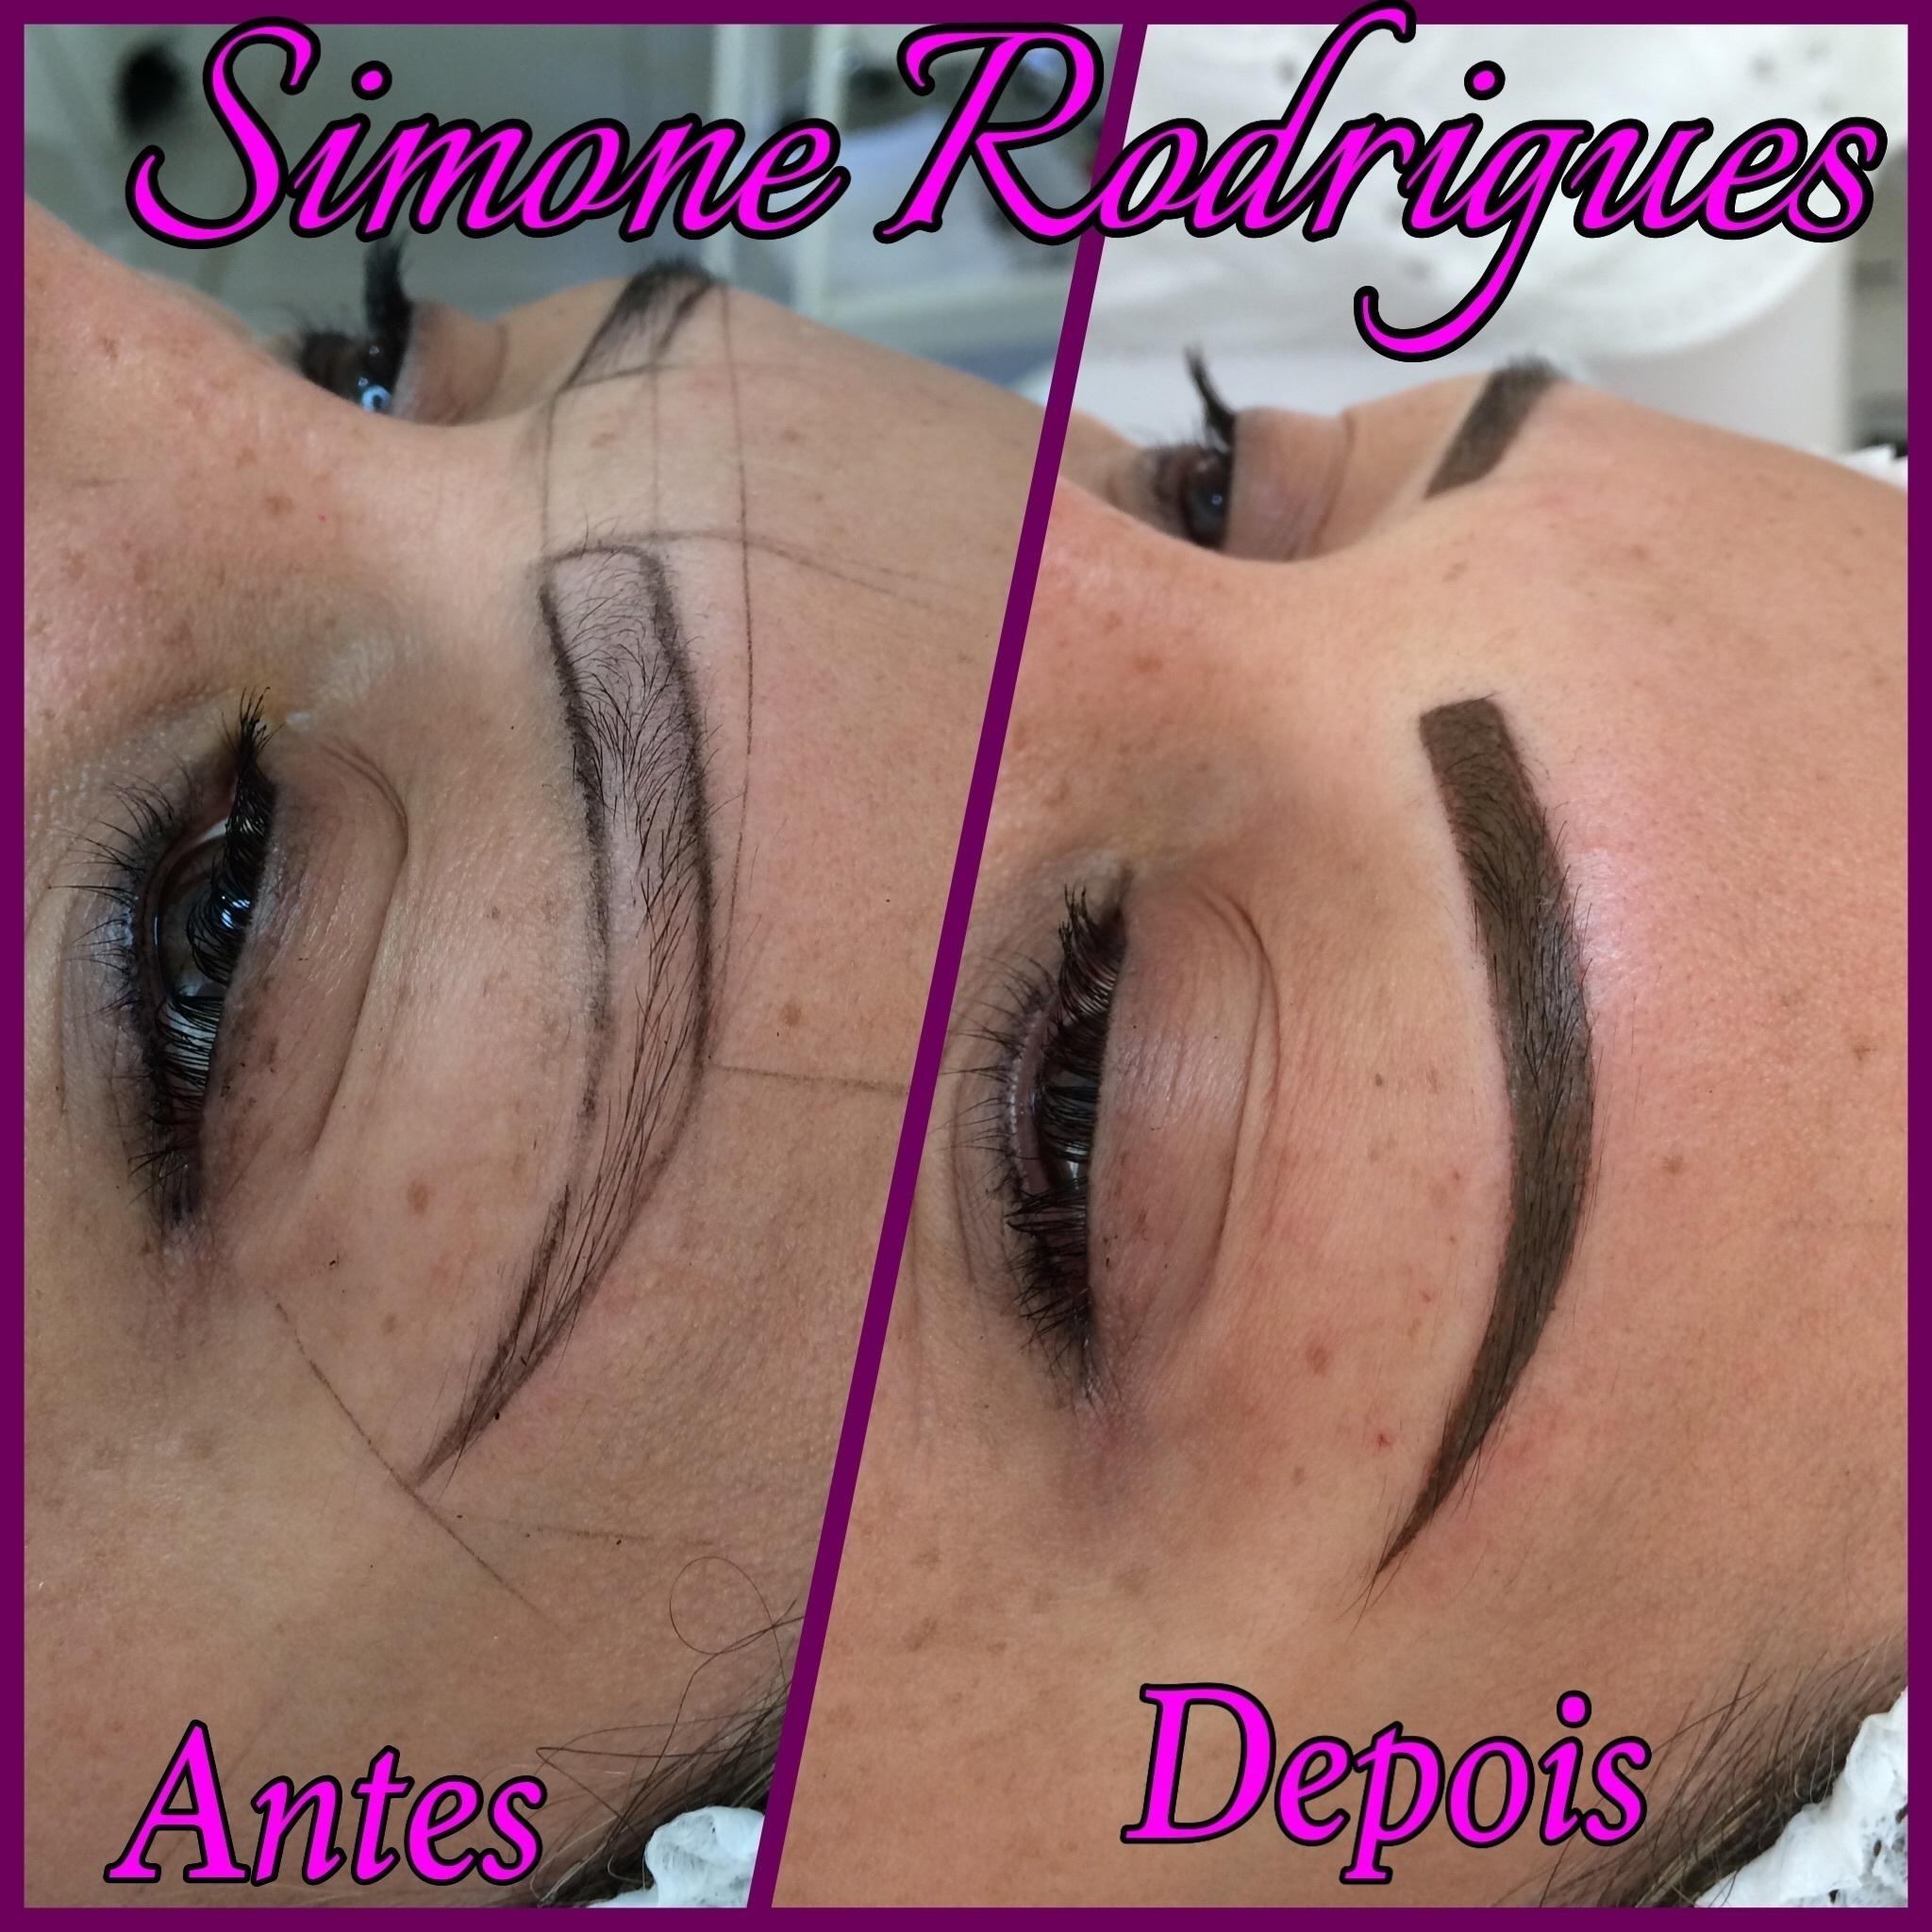 Micropientaçao de sobrancelhas maquiagem designer de sobrancelhas esteticista depilador(a) micropigmentador(a)